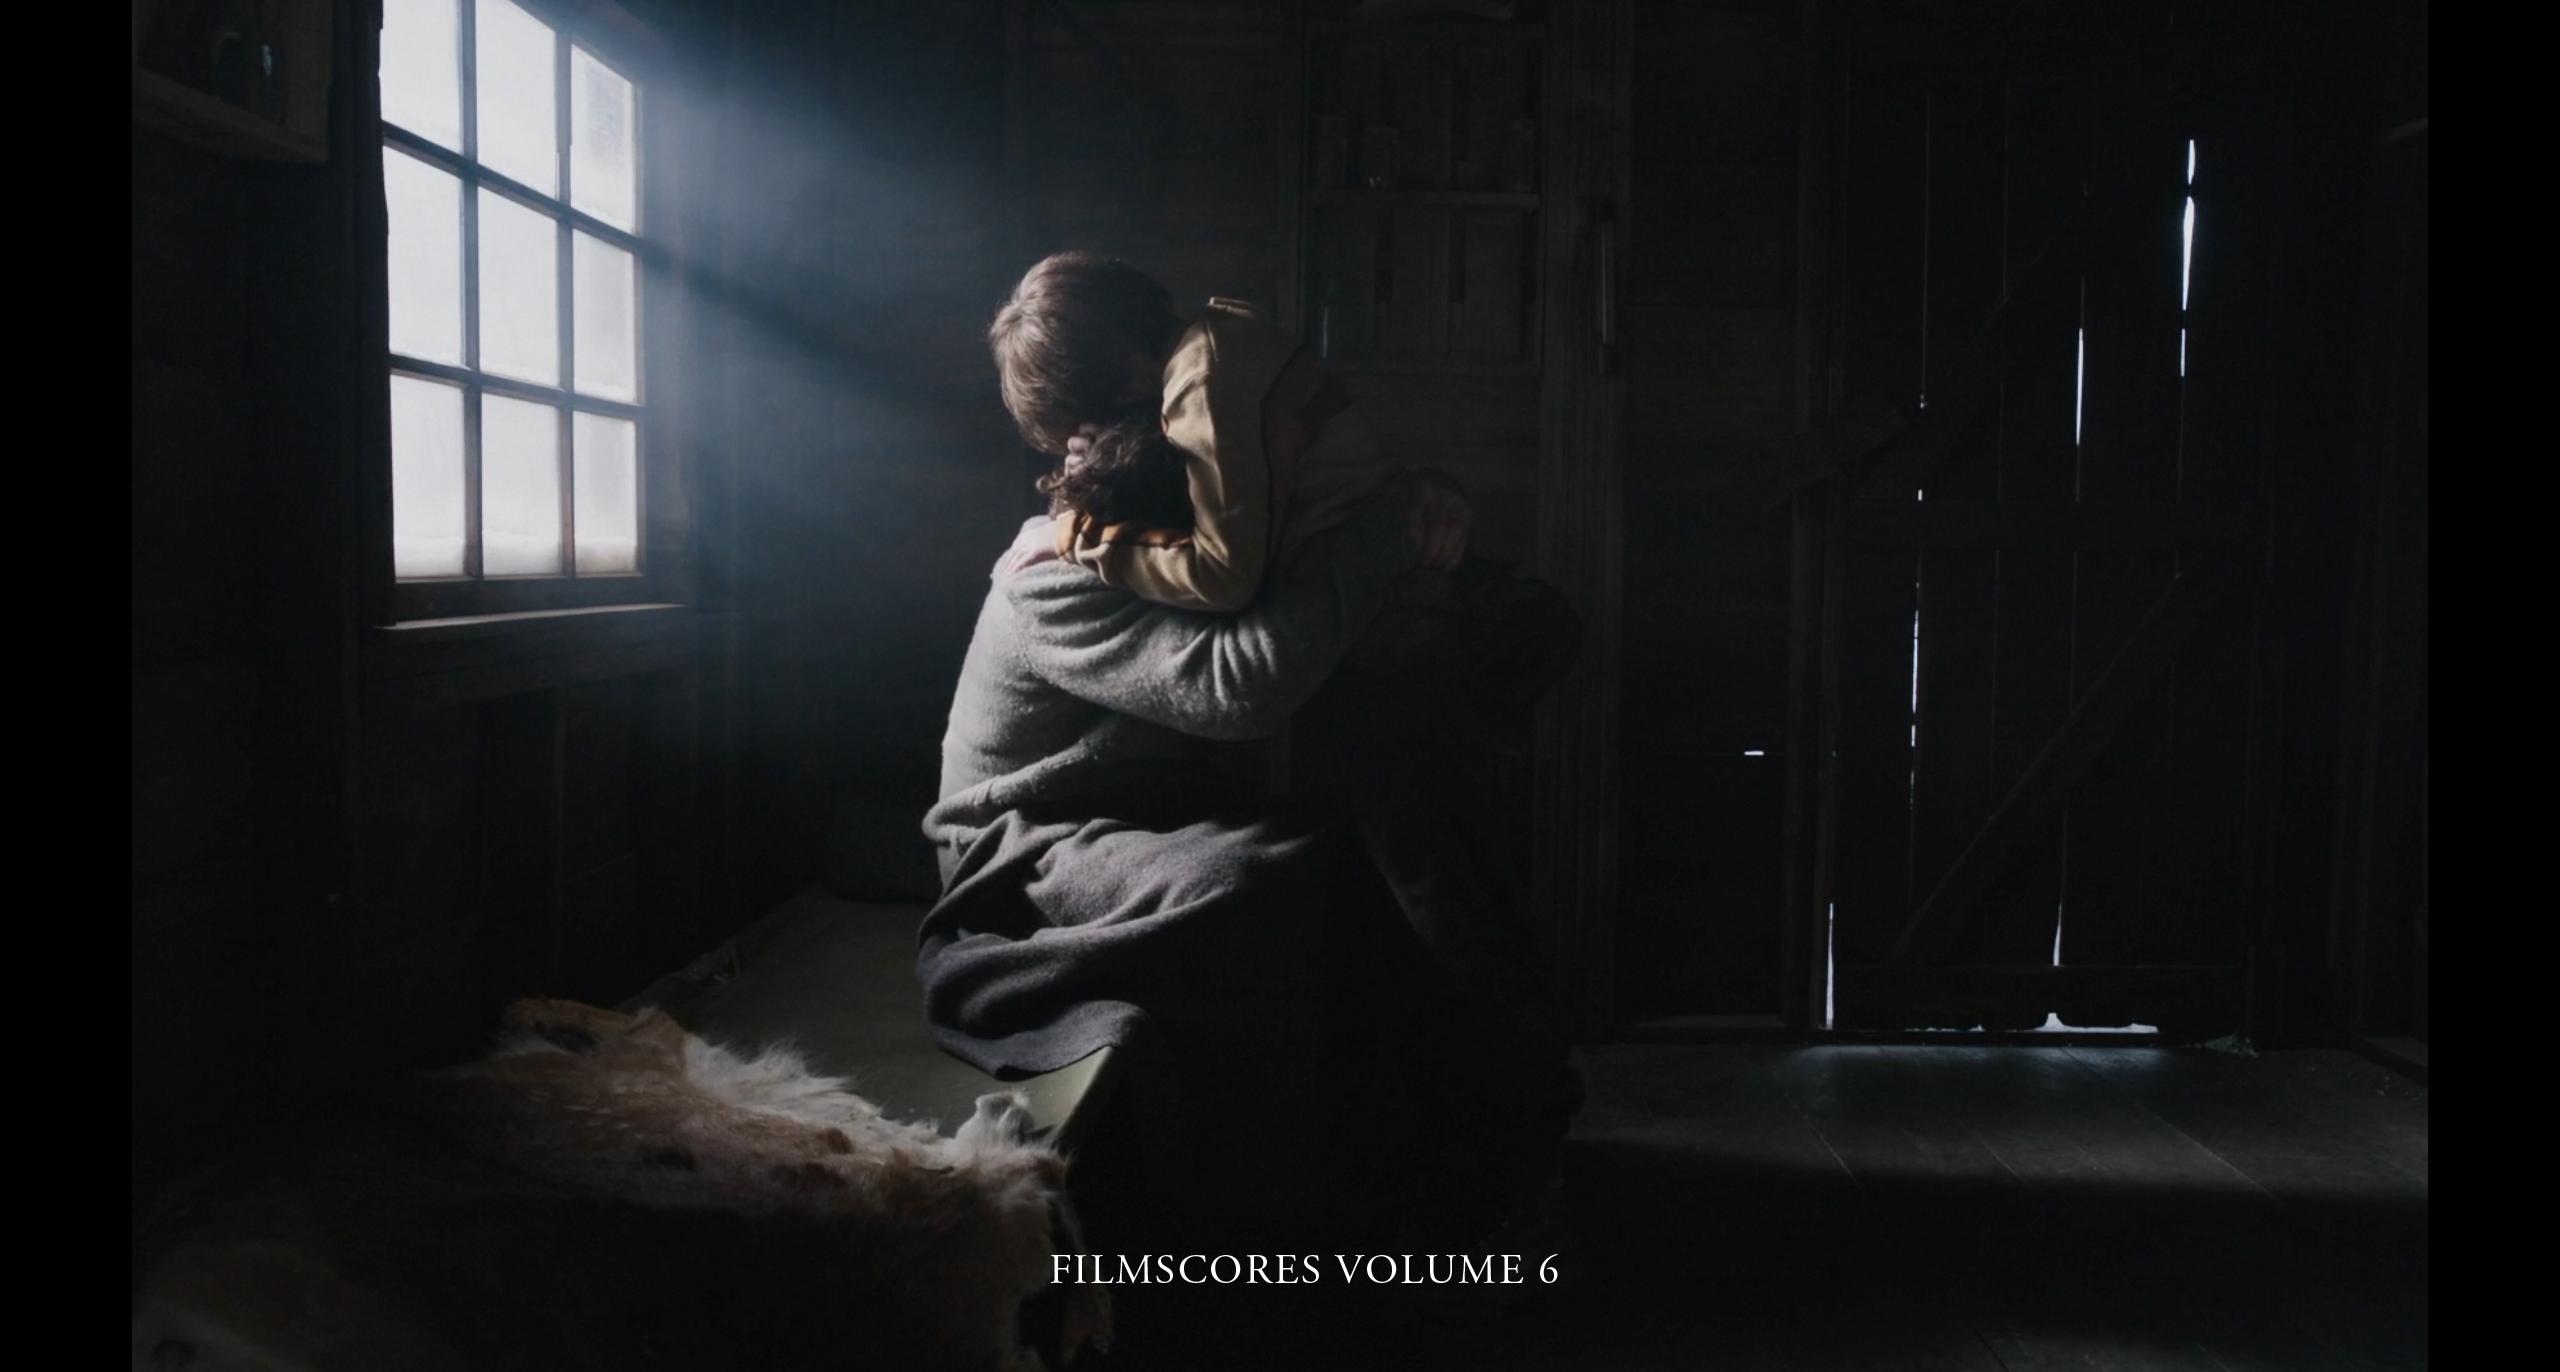 Orla Wren – Filmscore 6